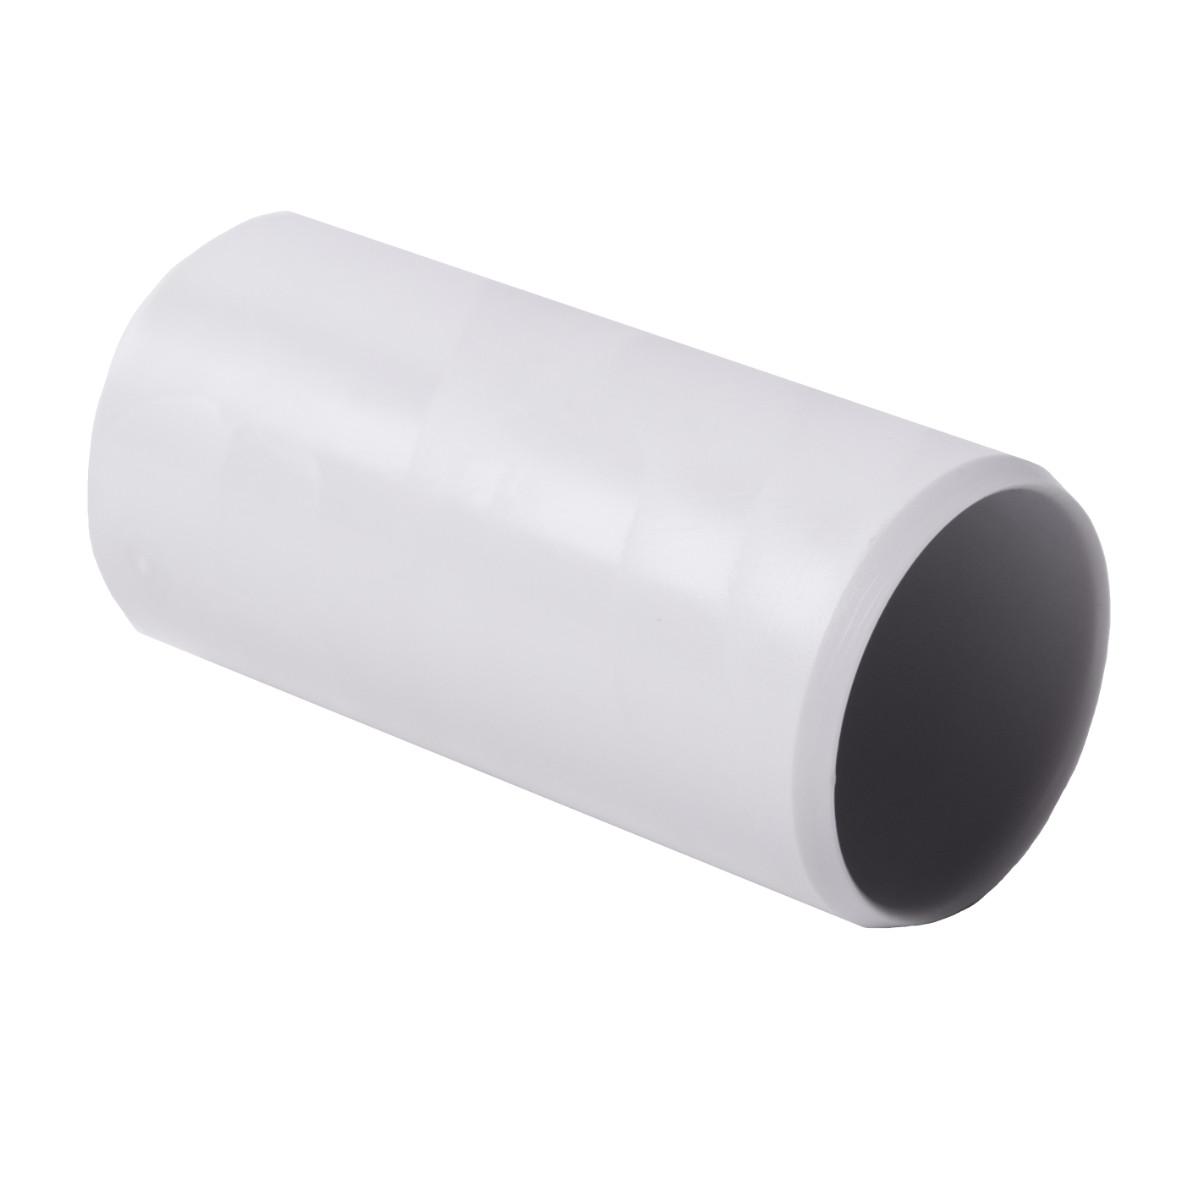 Муфта з'єднувальна для труби 40 мм ; Ø40мм; ПВХ;; t застосування -25+60 °с; світло-сіра; Упаковка 10 шт